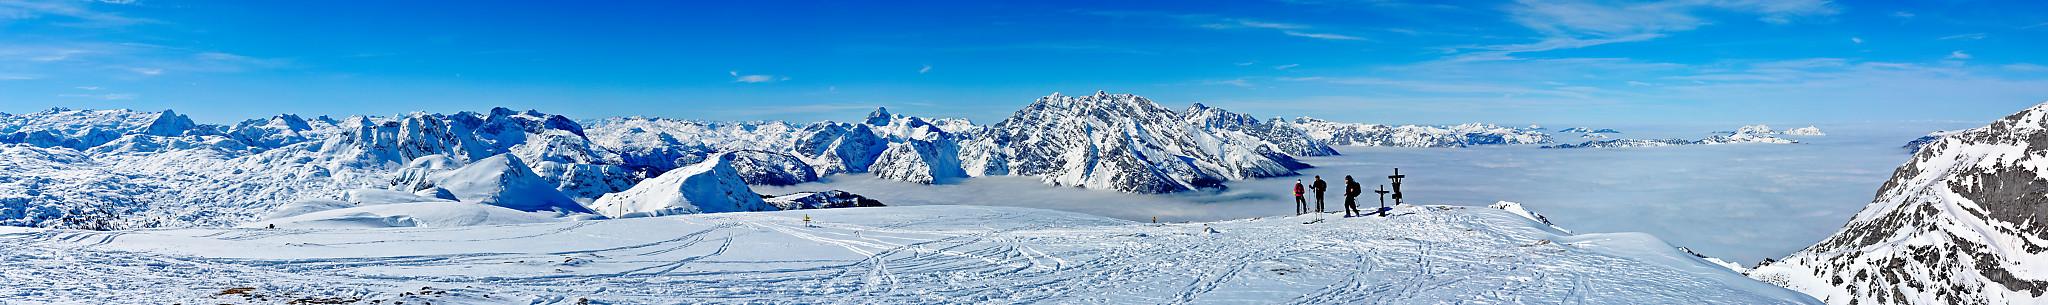 Panorama vom Schneibstein in den Berchtesgadener Alpen